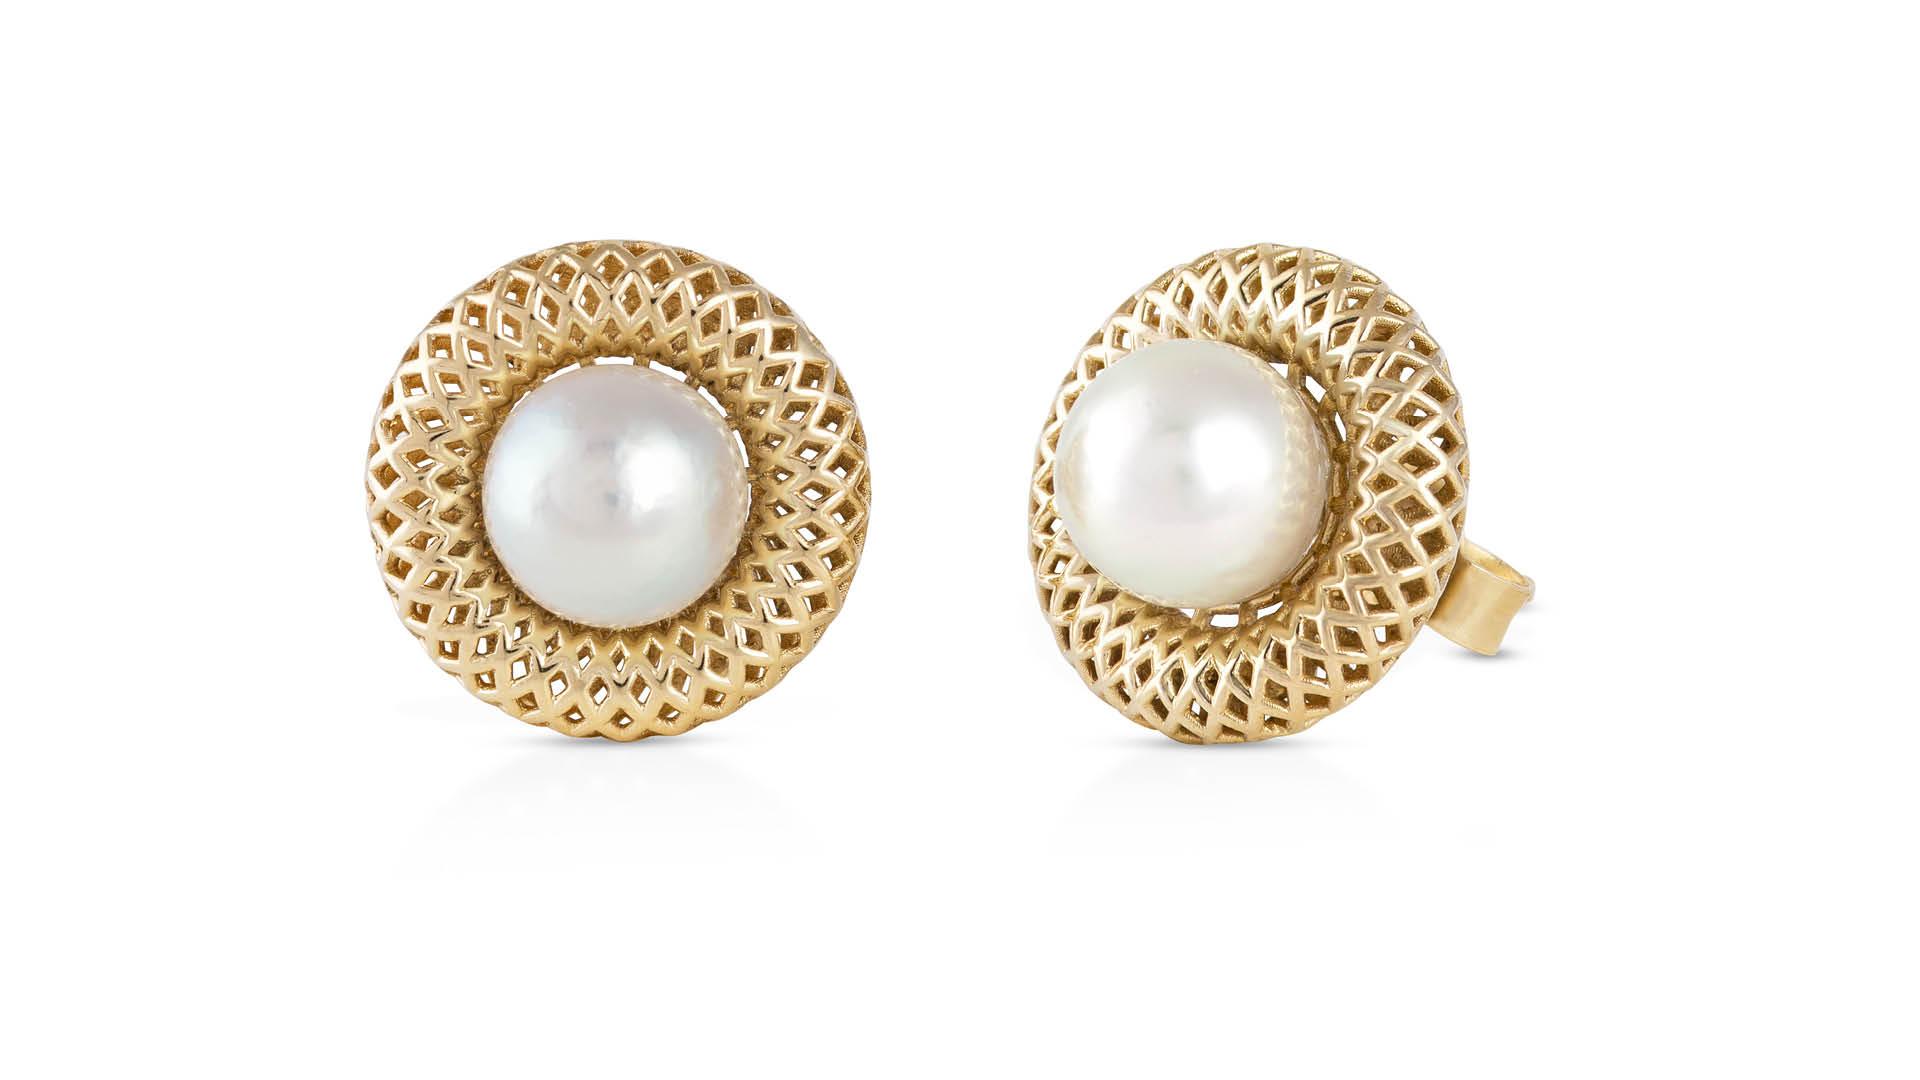 Suwaidi-Pearls-Shurooq-Al-Midfa